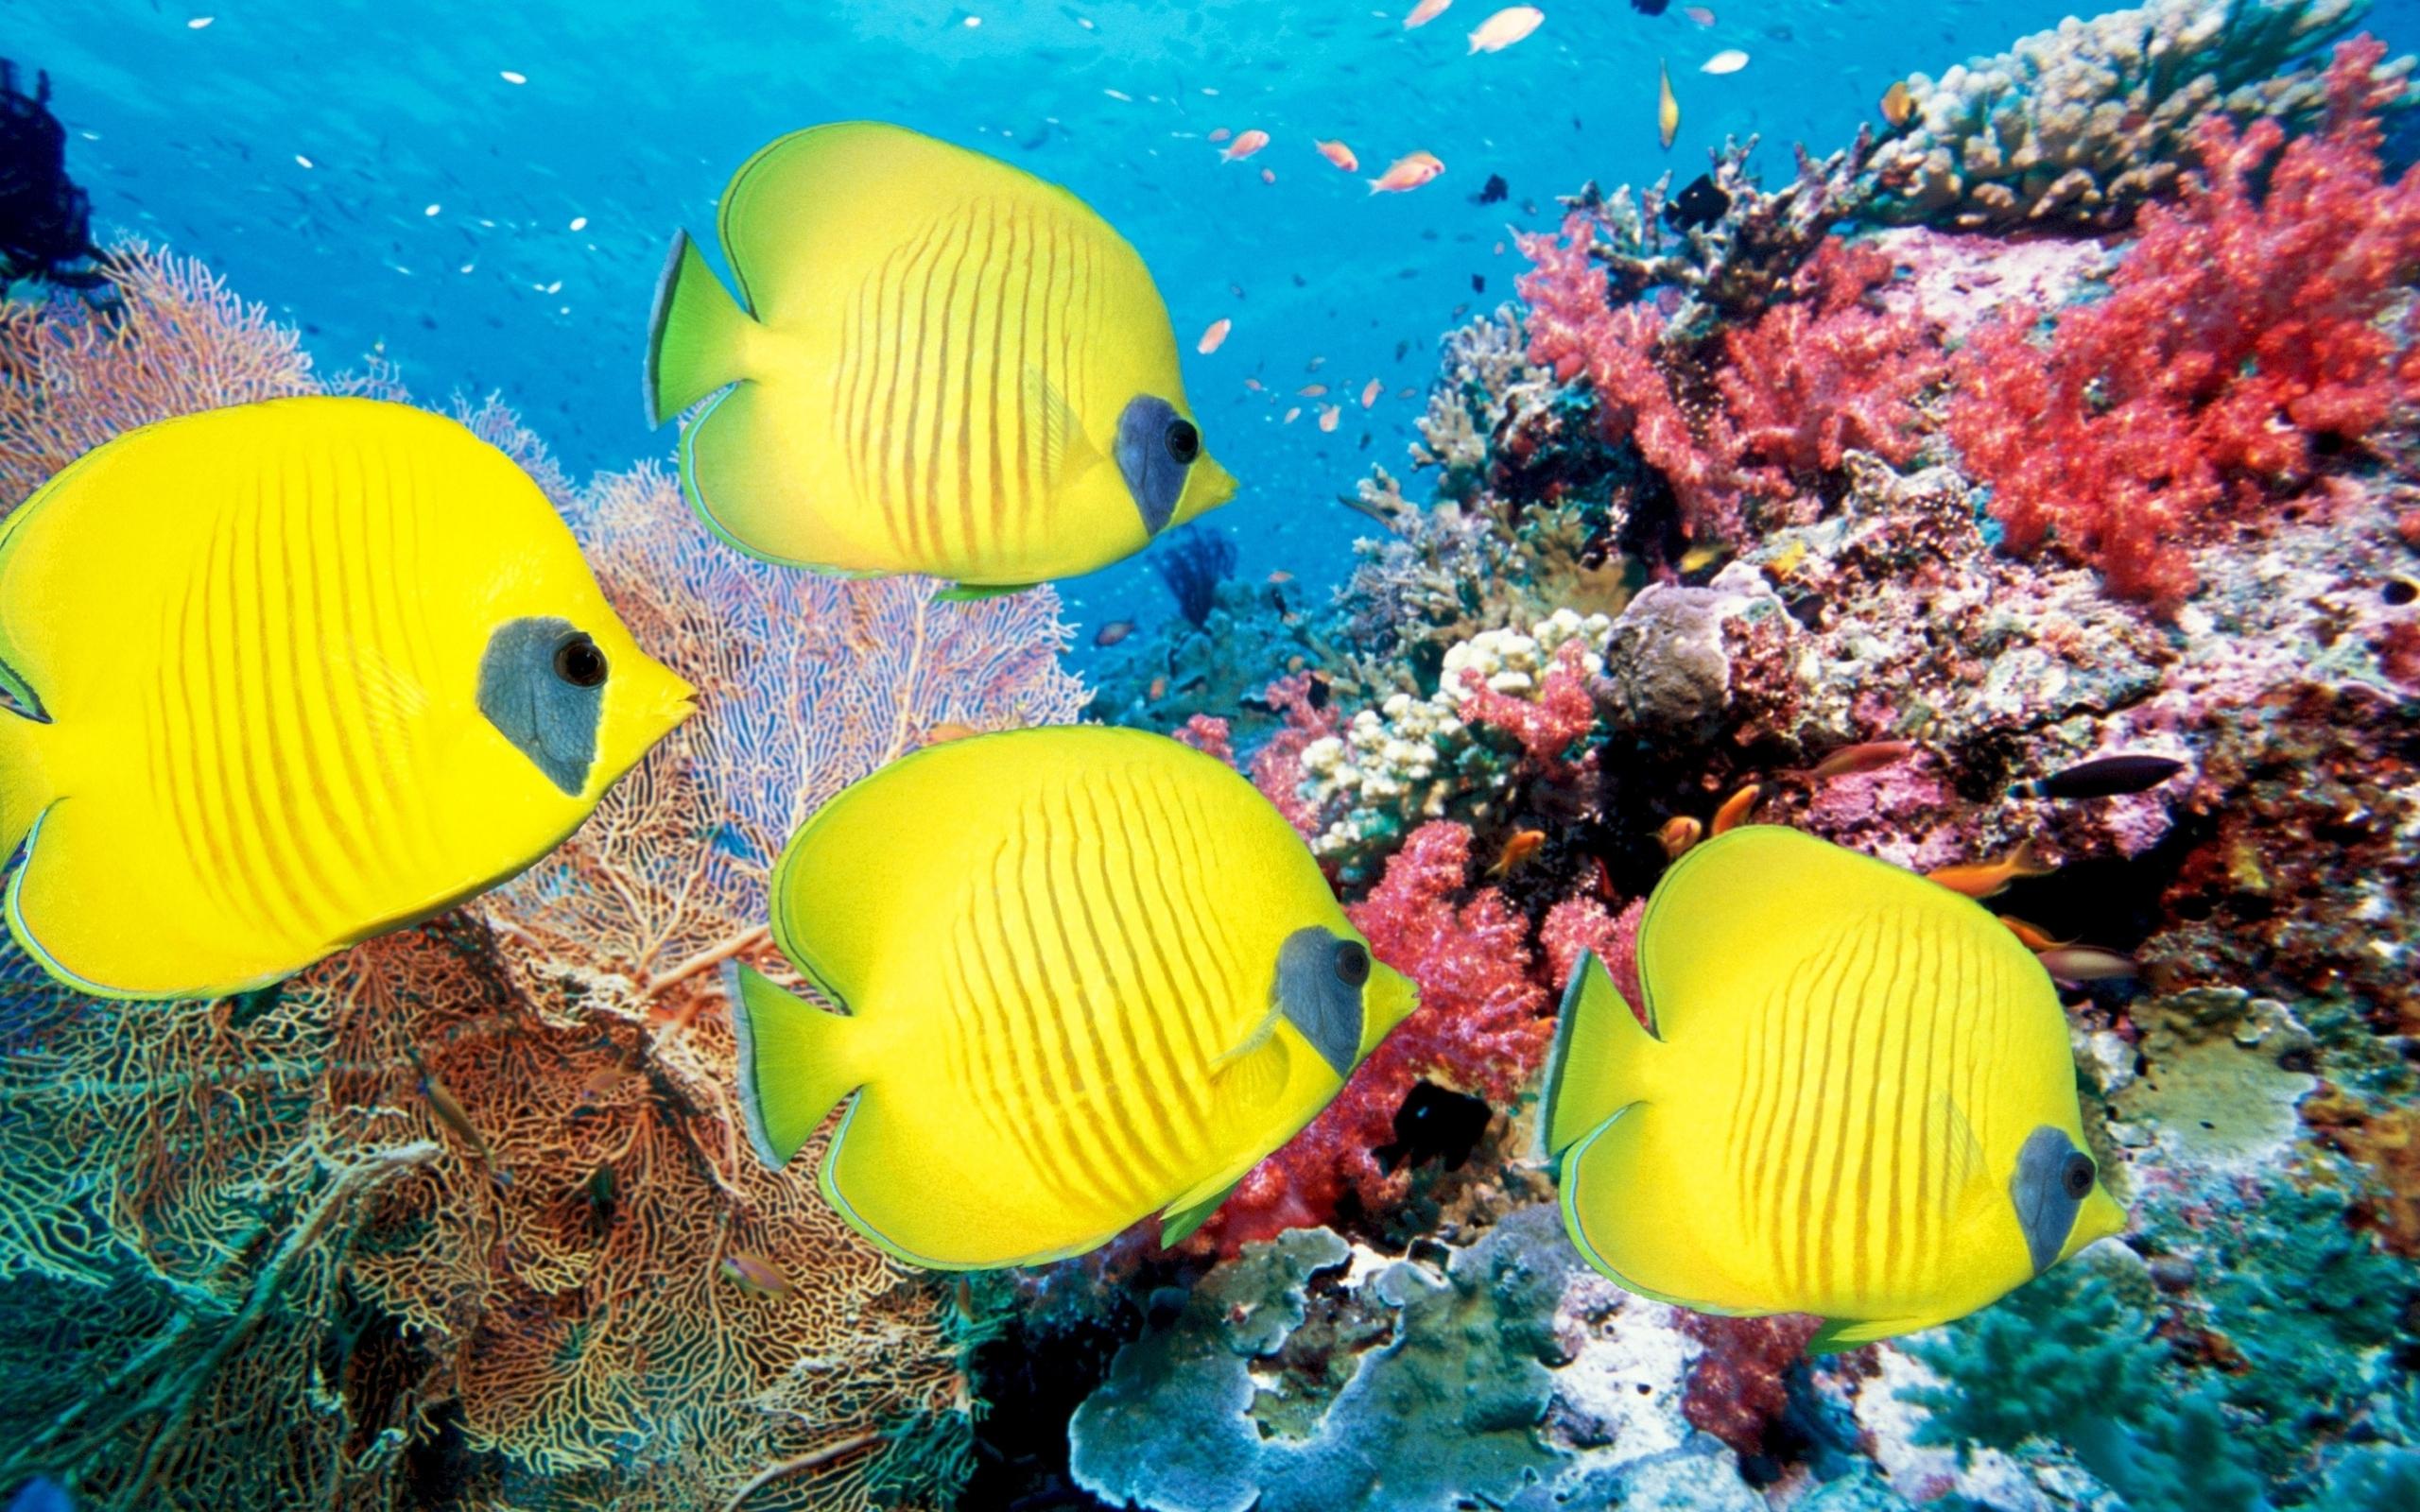 аквариум рыбы кораллы макро бесплатно